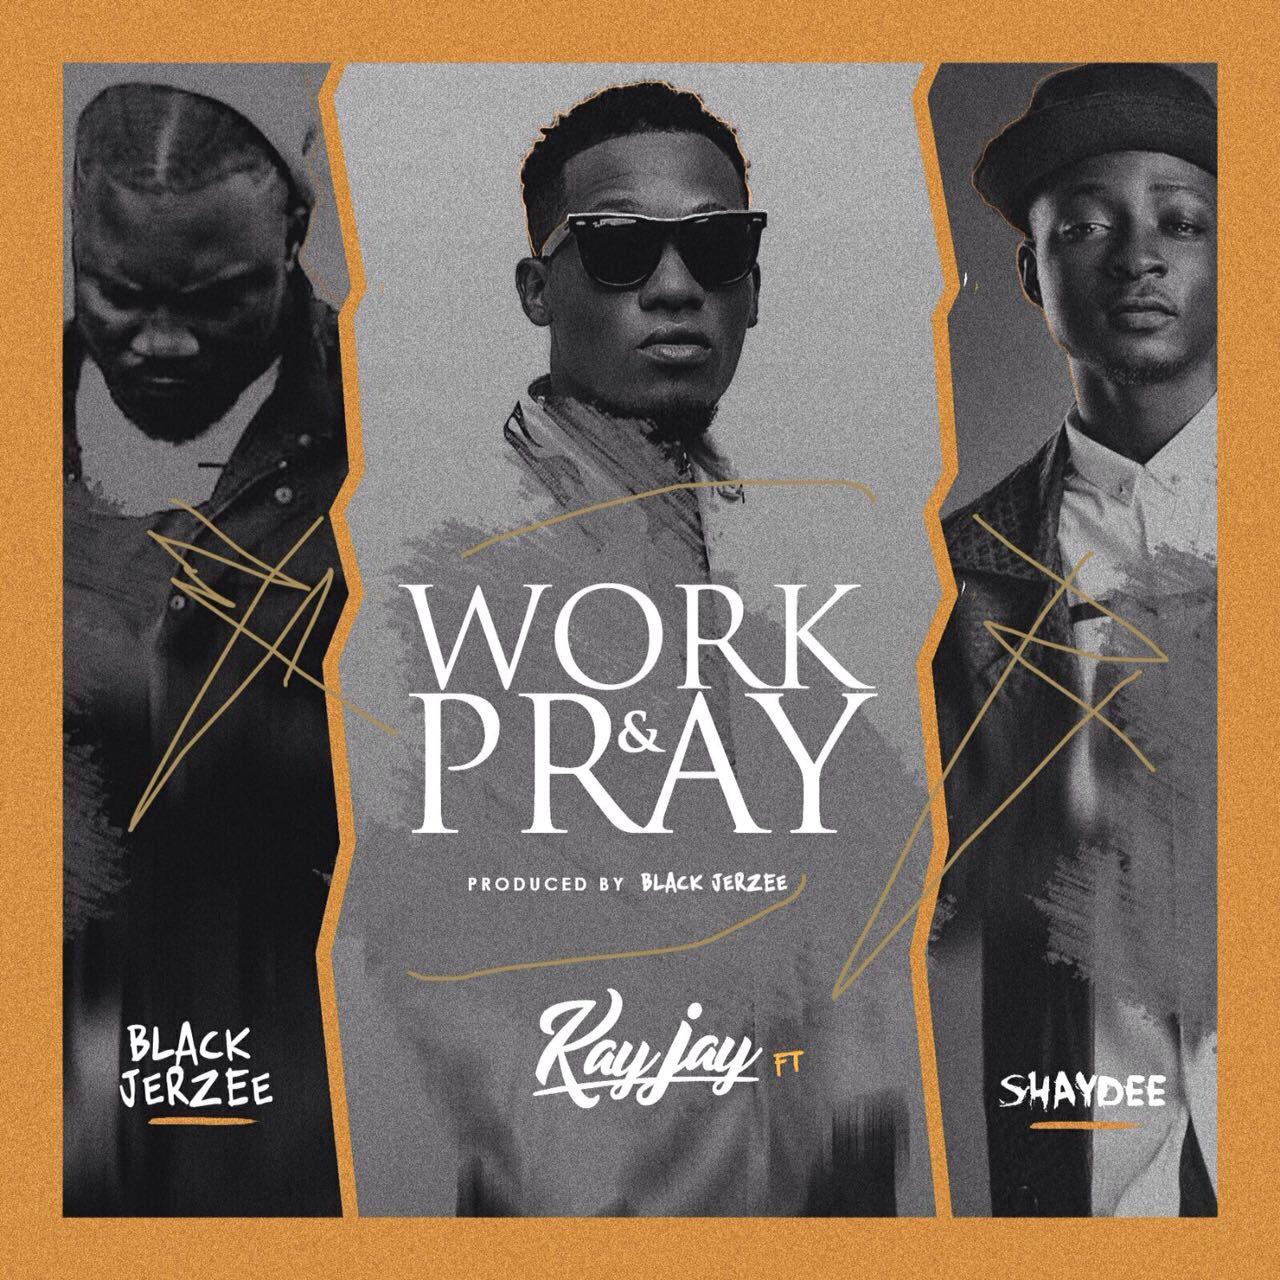 KayJay ft. Shaydee – Work & Pray (prod. Blaq Jerzee)